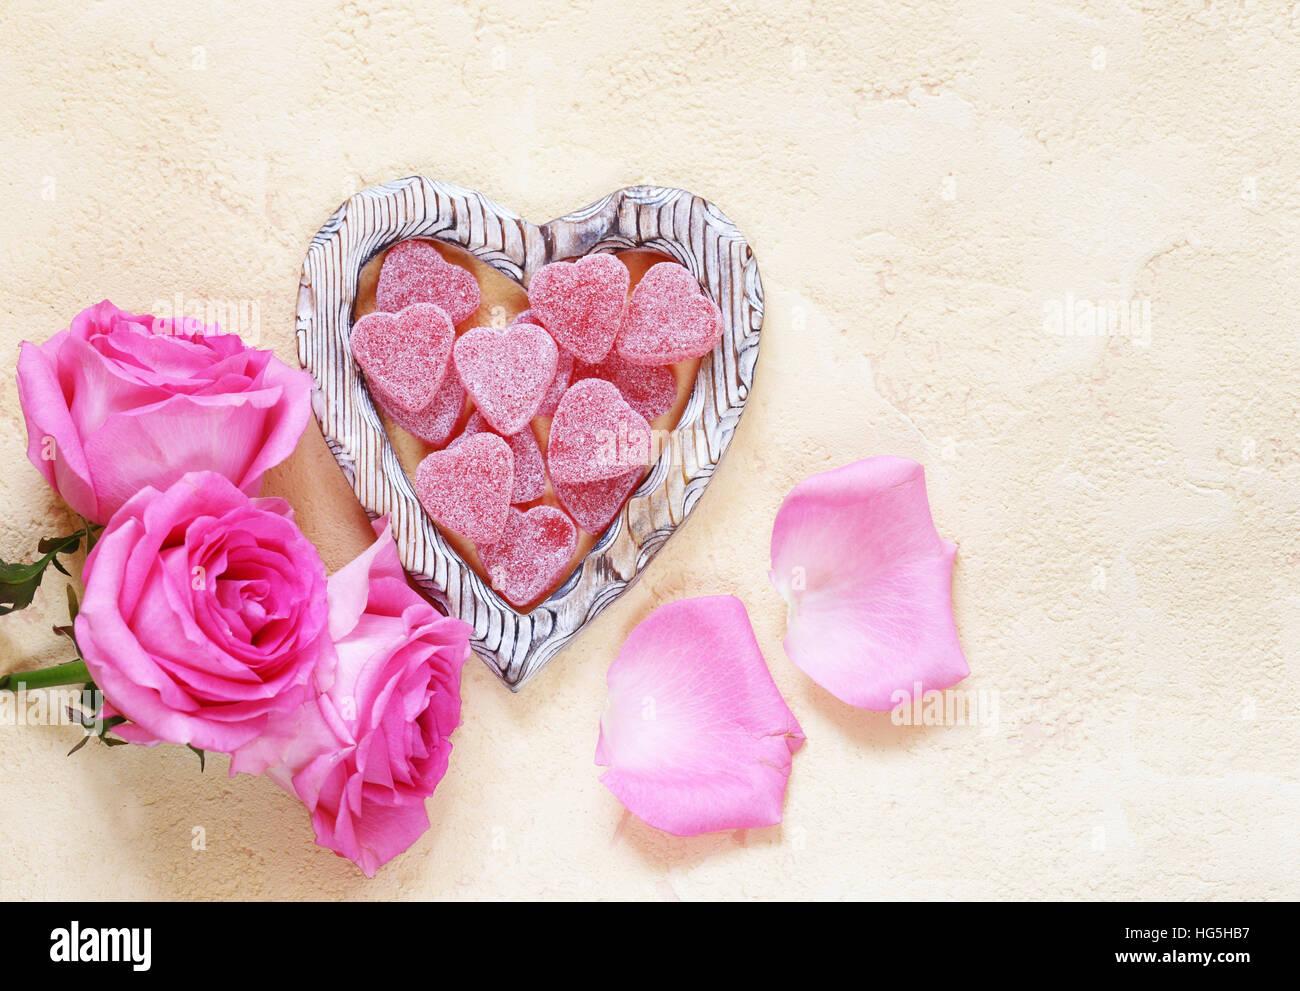 Rosa Rosa Flores, marcos de texto y corazones para la fiesta de San ...